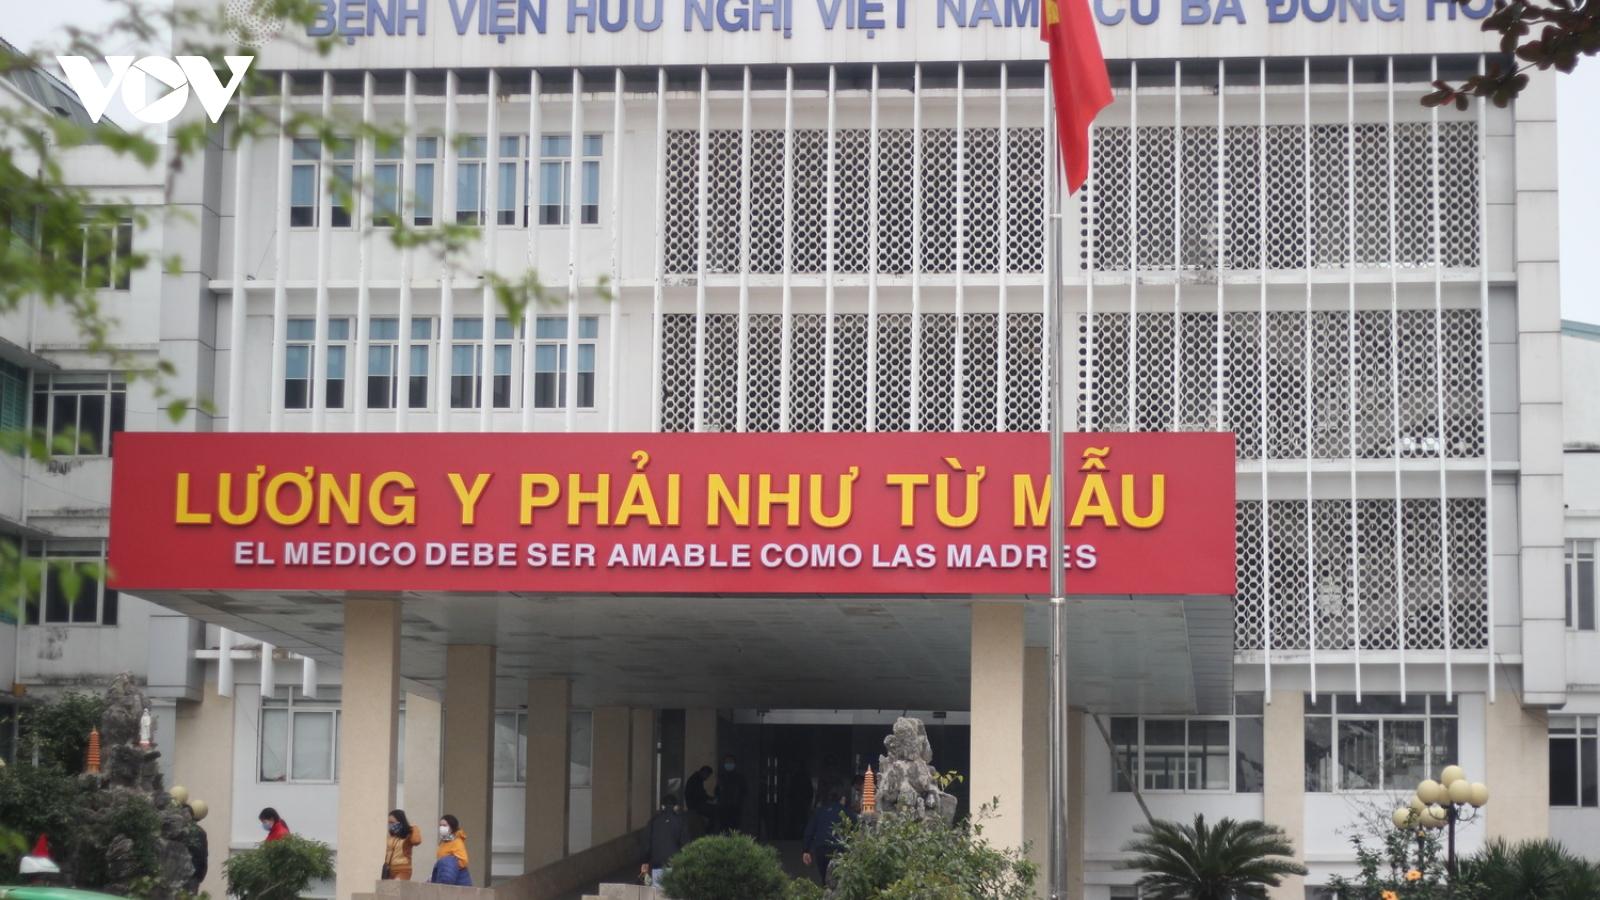 F1 của bệnh nhân mắc Covid-19 tại Quảng Bìnhtrốn khỏi nơi cách ly